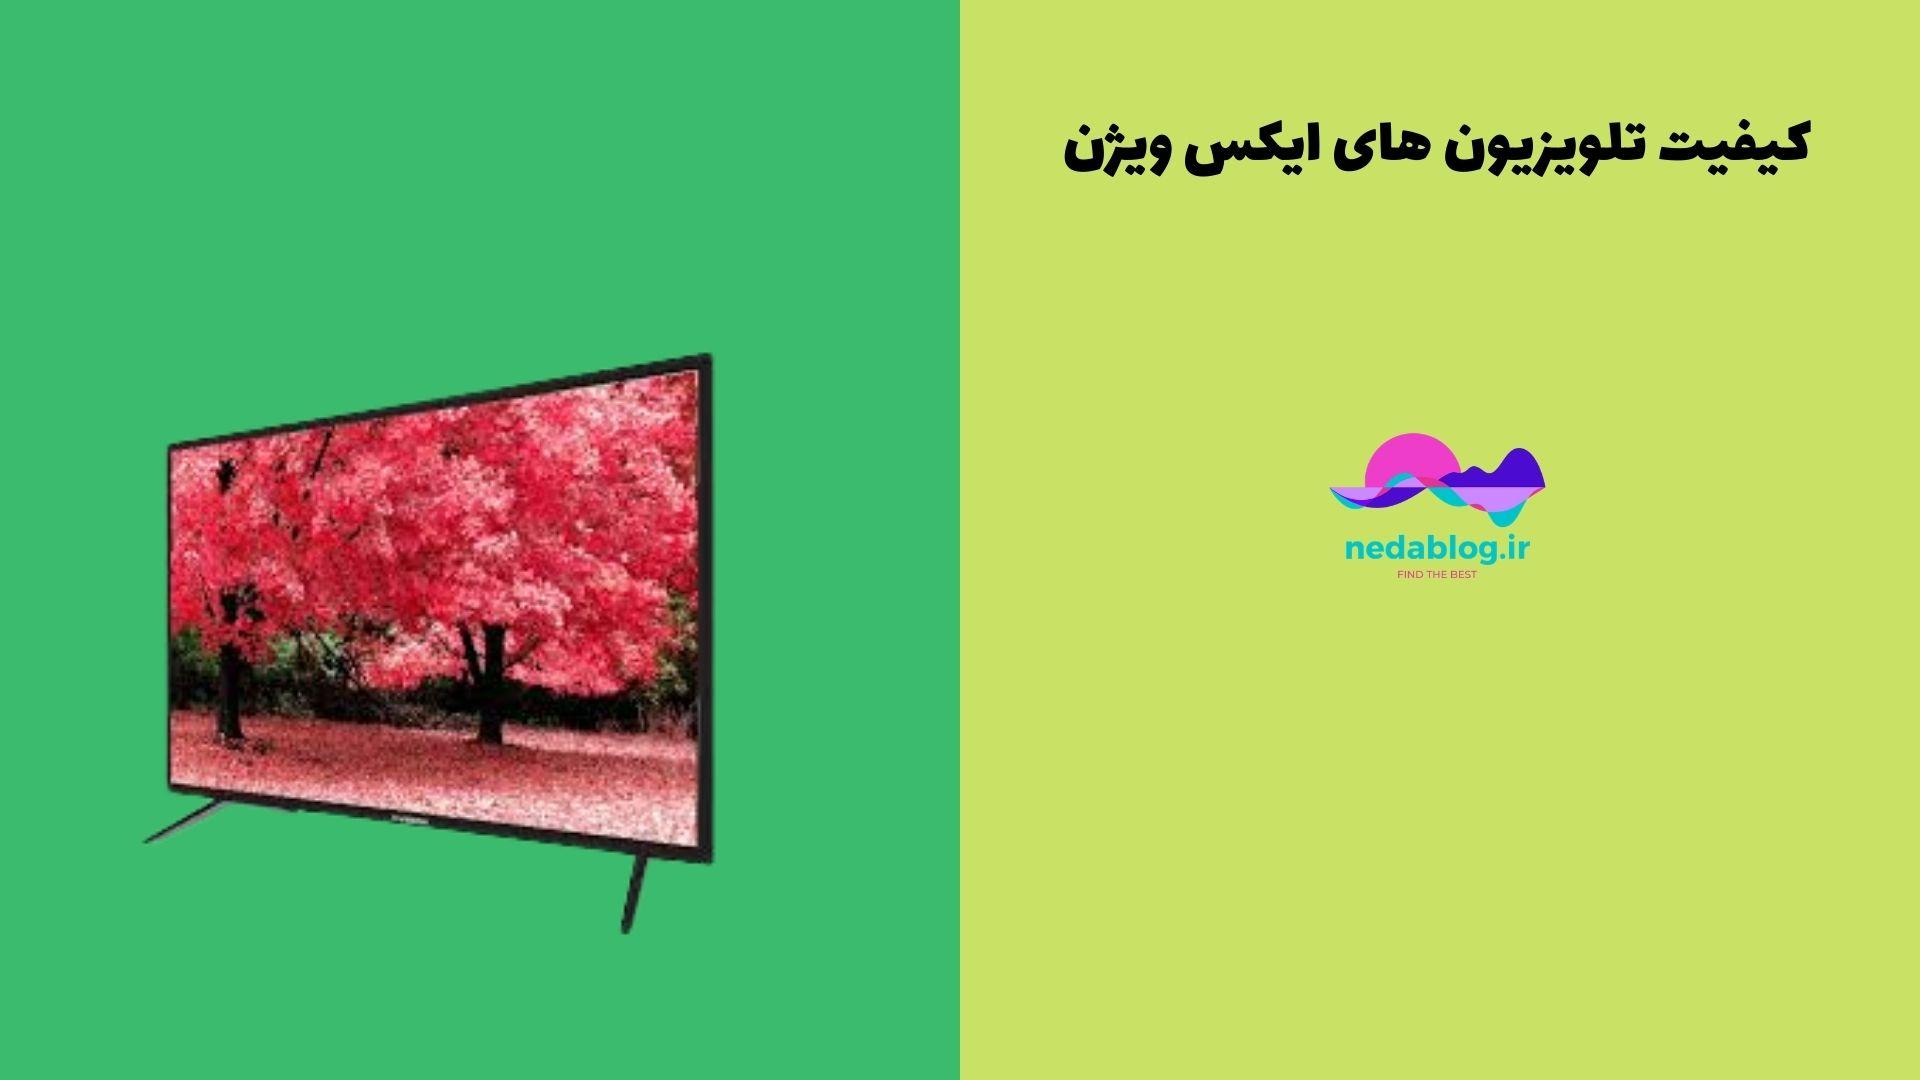 کیفیت تلویزیون های ایکس ویژن